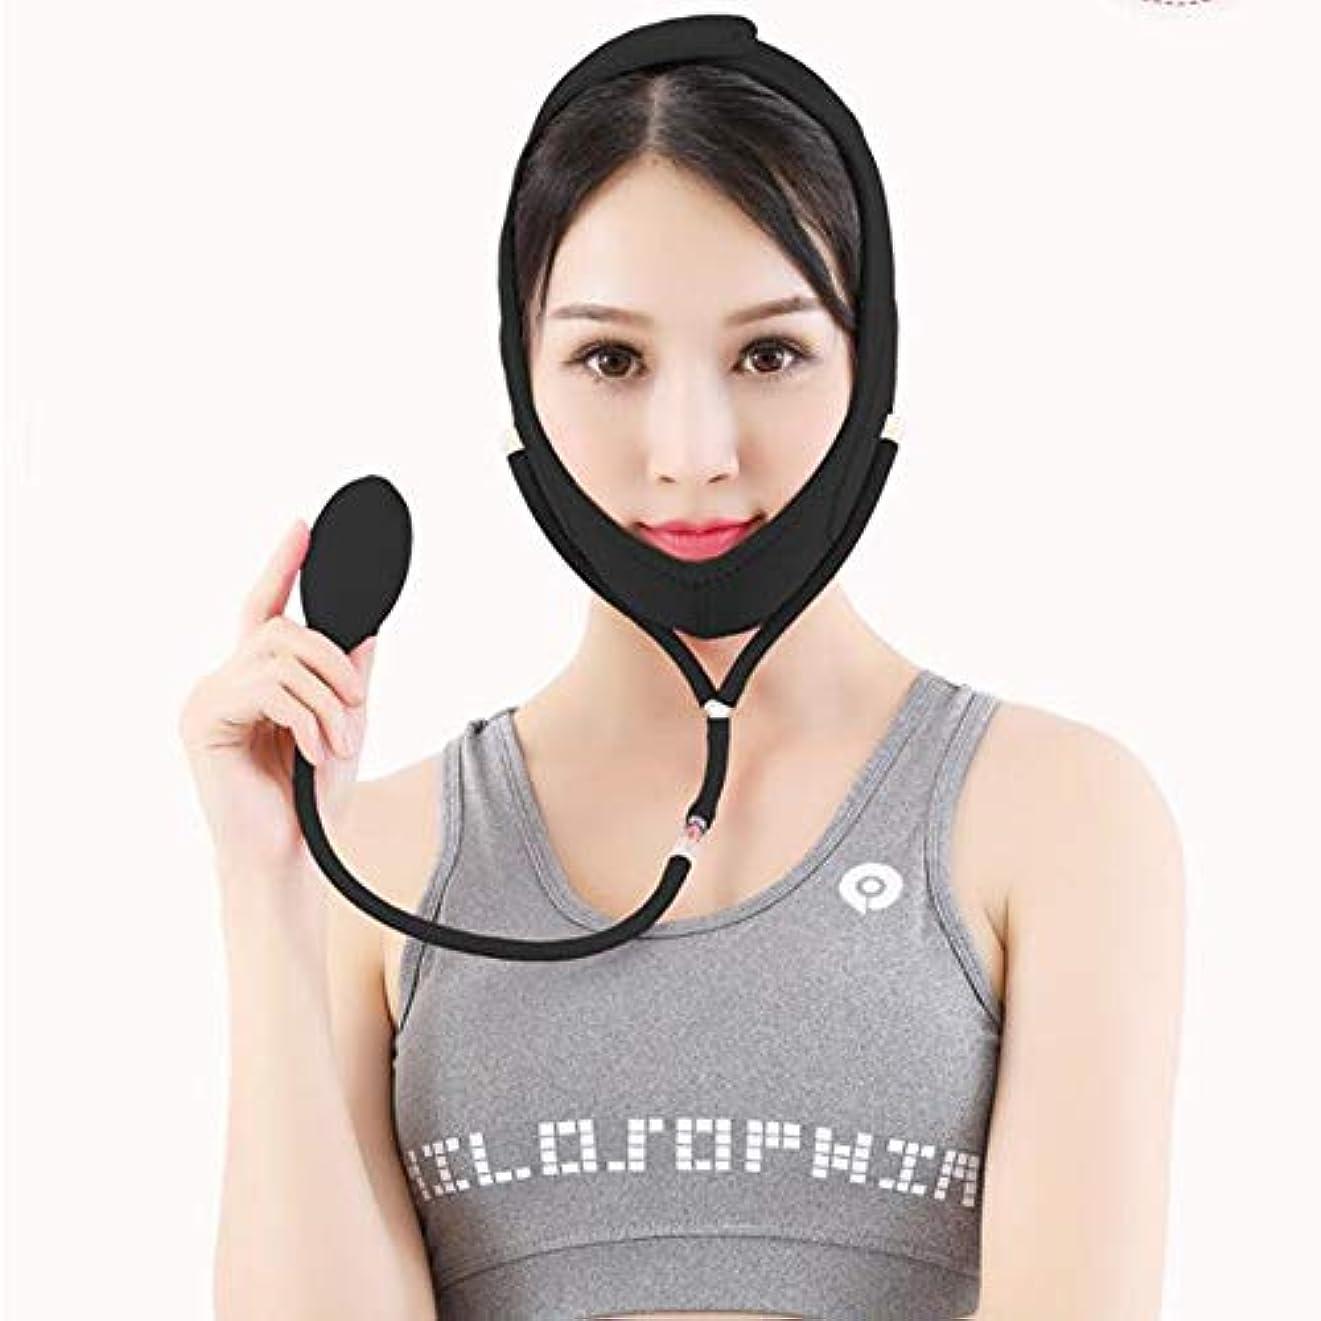 シマウマオートメーション名前飛強強 フェイシャルリフティング痩身ベルトダブルエアバッグ圧力調整フェイス包帯マスク整形マスクが顔を引き締める スリムフィット美容ツール (Color : Black, Size : M)